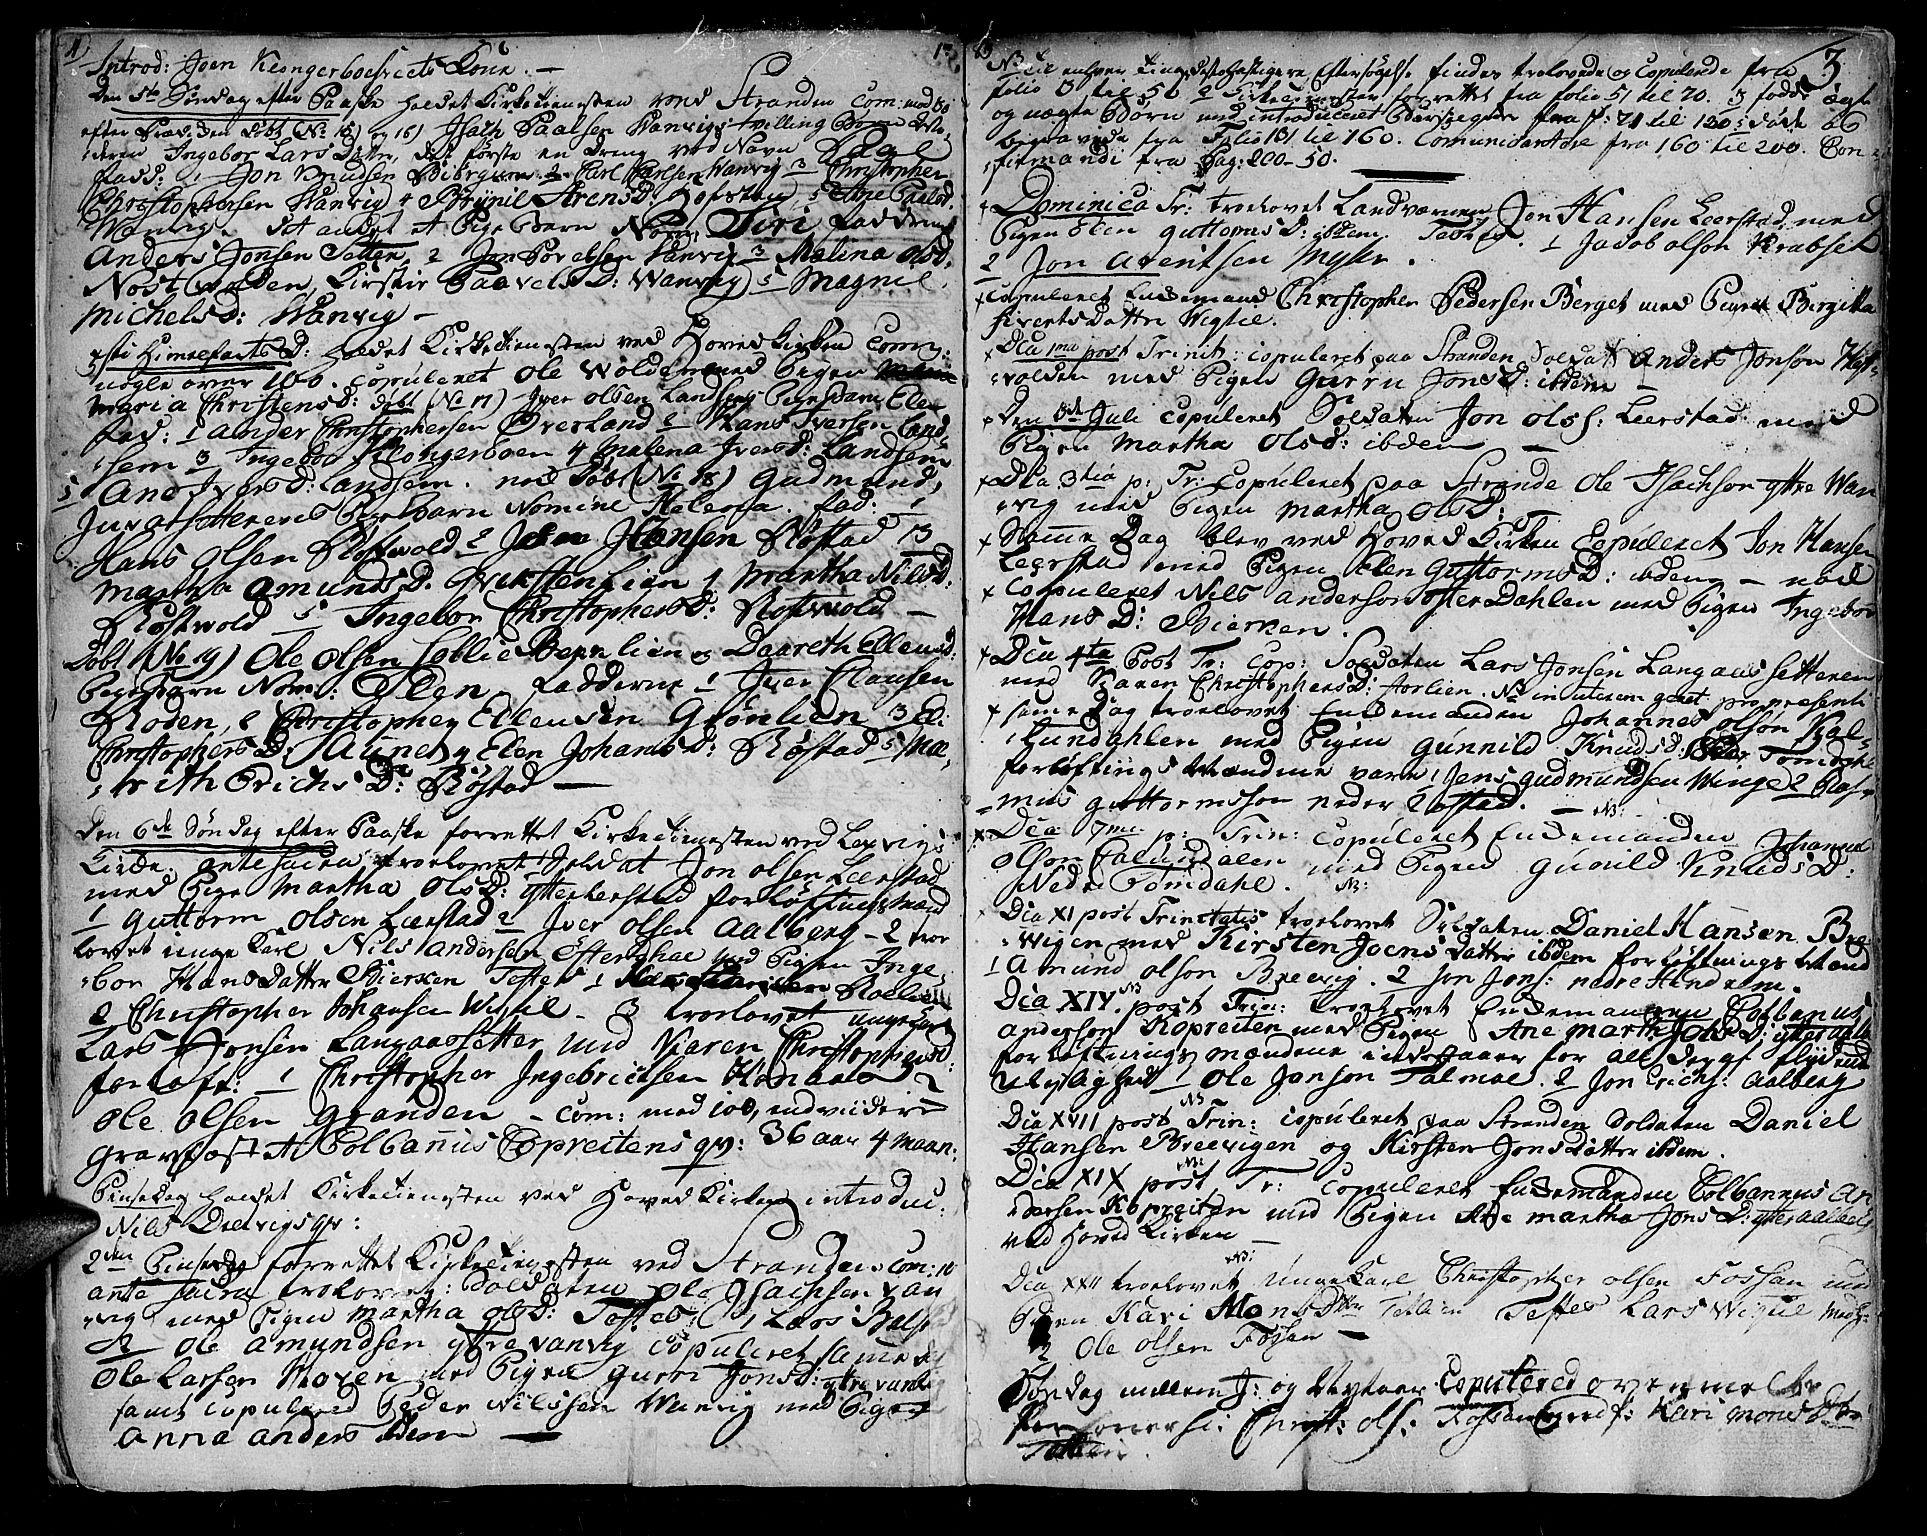 SAT, Ministerialprotokoller, klokkerbøker og fødselsregistre - Nord-Trøndelag, 701/L0004: Ministerialbok nr. 701A04, 1783-1816, s. 3